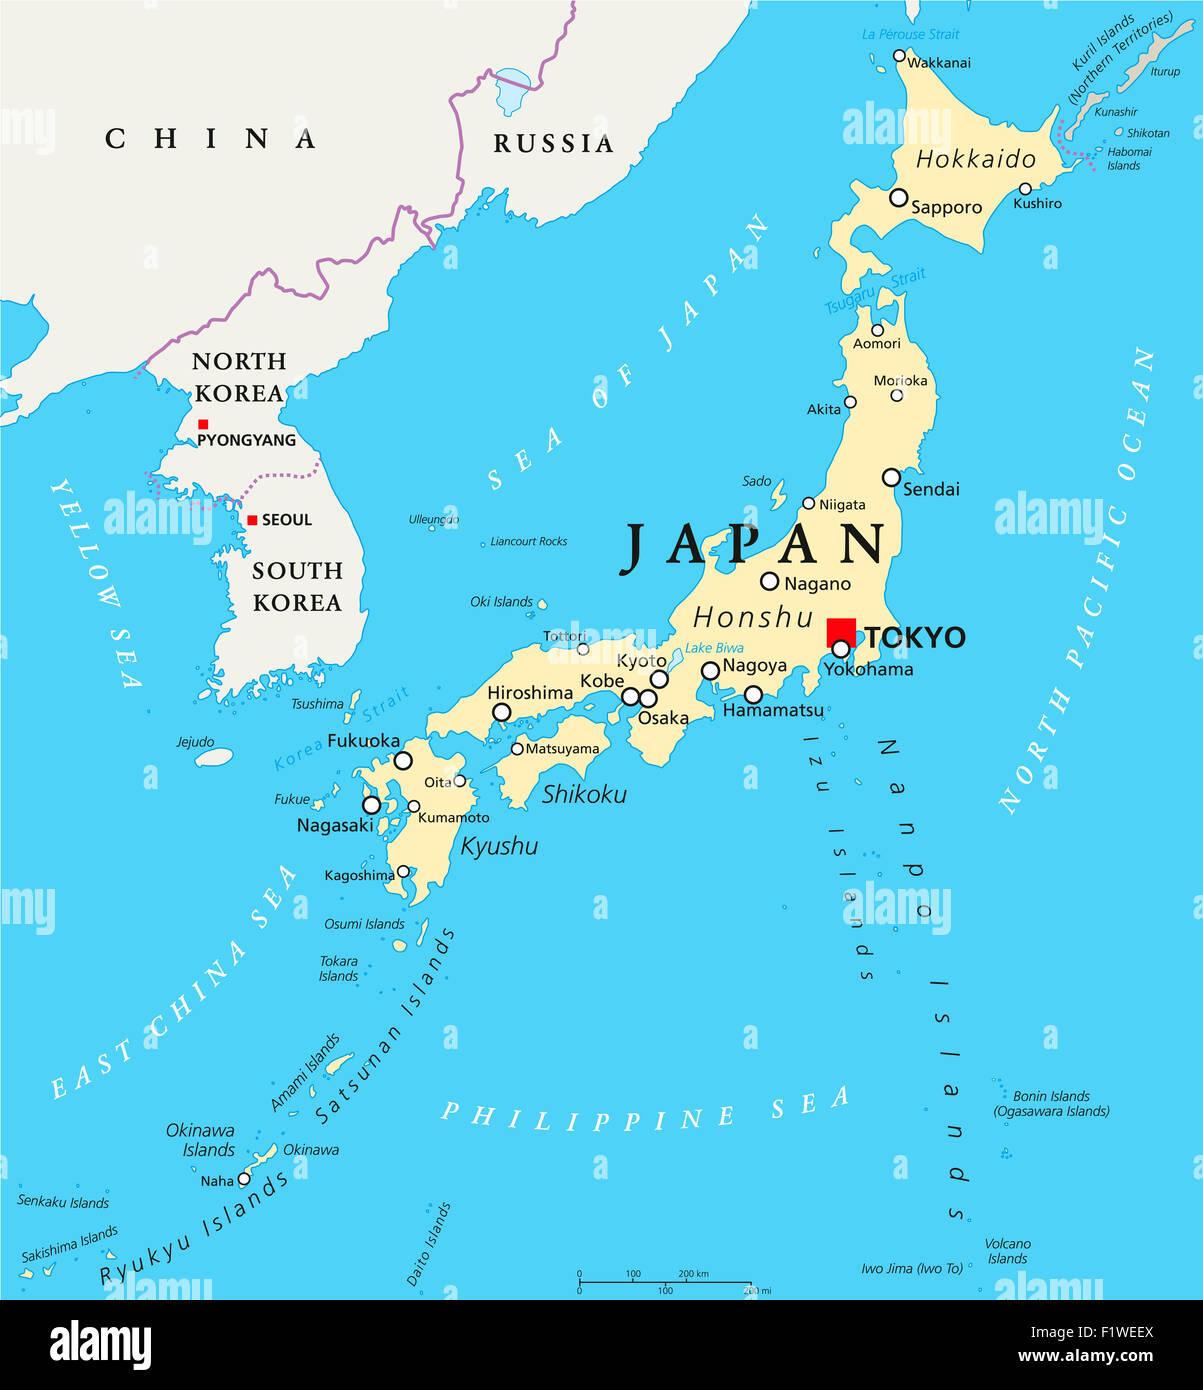 Japan Landkarte Mit Hauptstadt Tokio Nationale Grenzen Und Wichtigen Stadten Englische